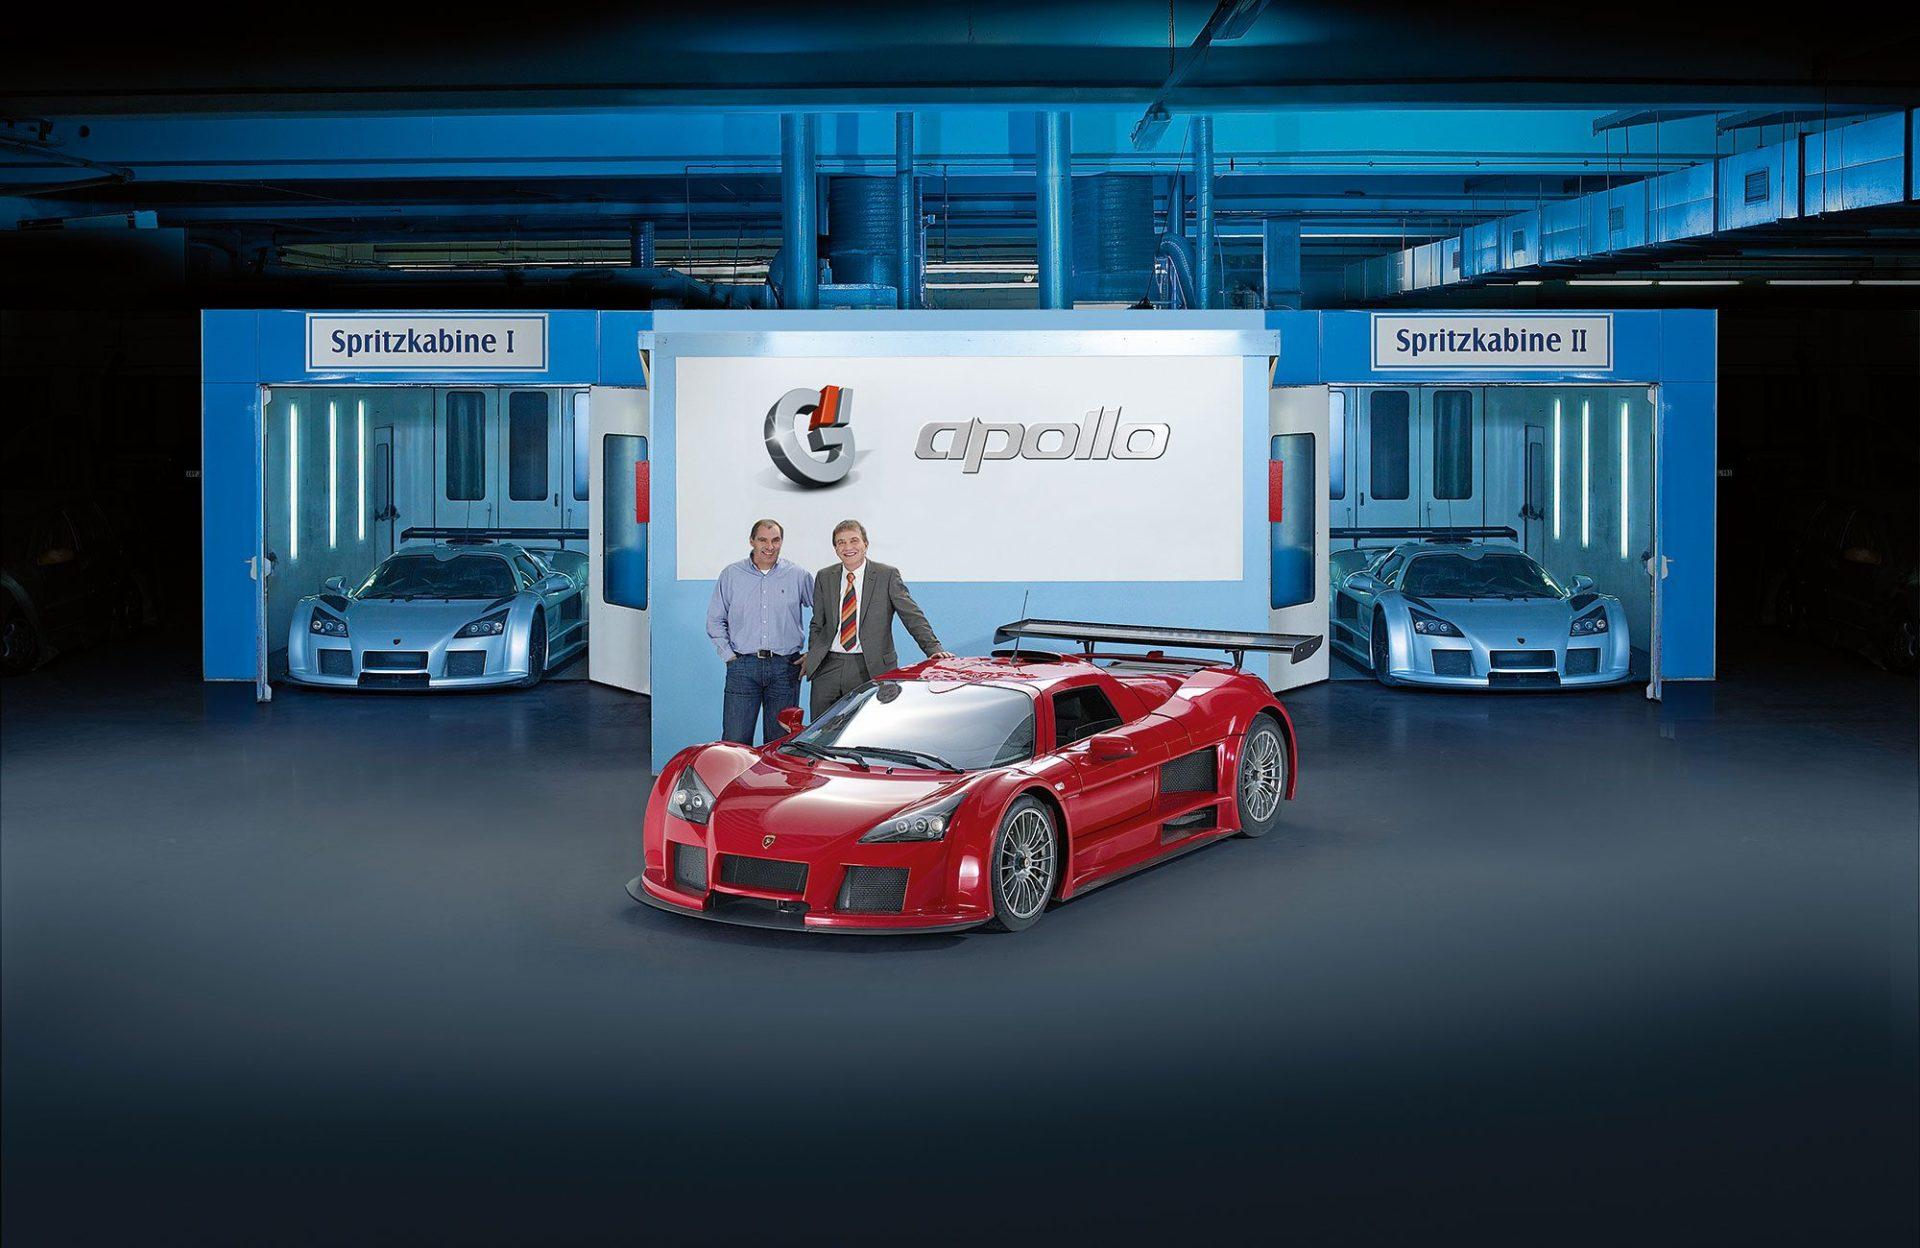 Ein roter Ferrari steht in einer Spritzkabine, dahinter stehen 2 Männer.